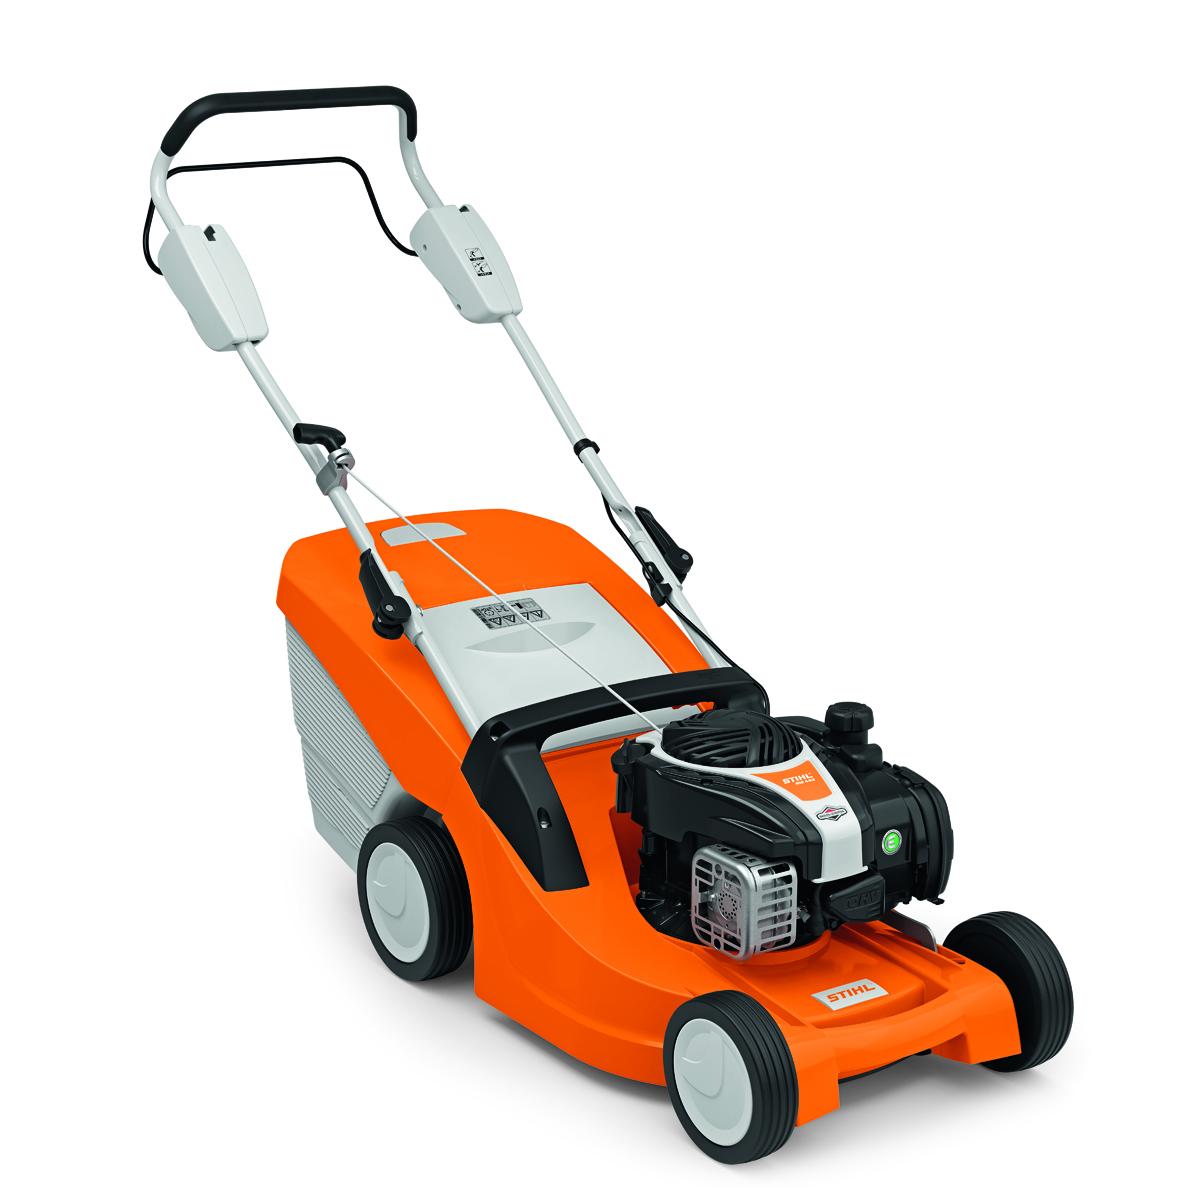 Stihl-RM443-1200x1200